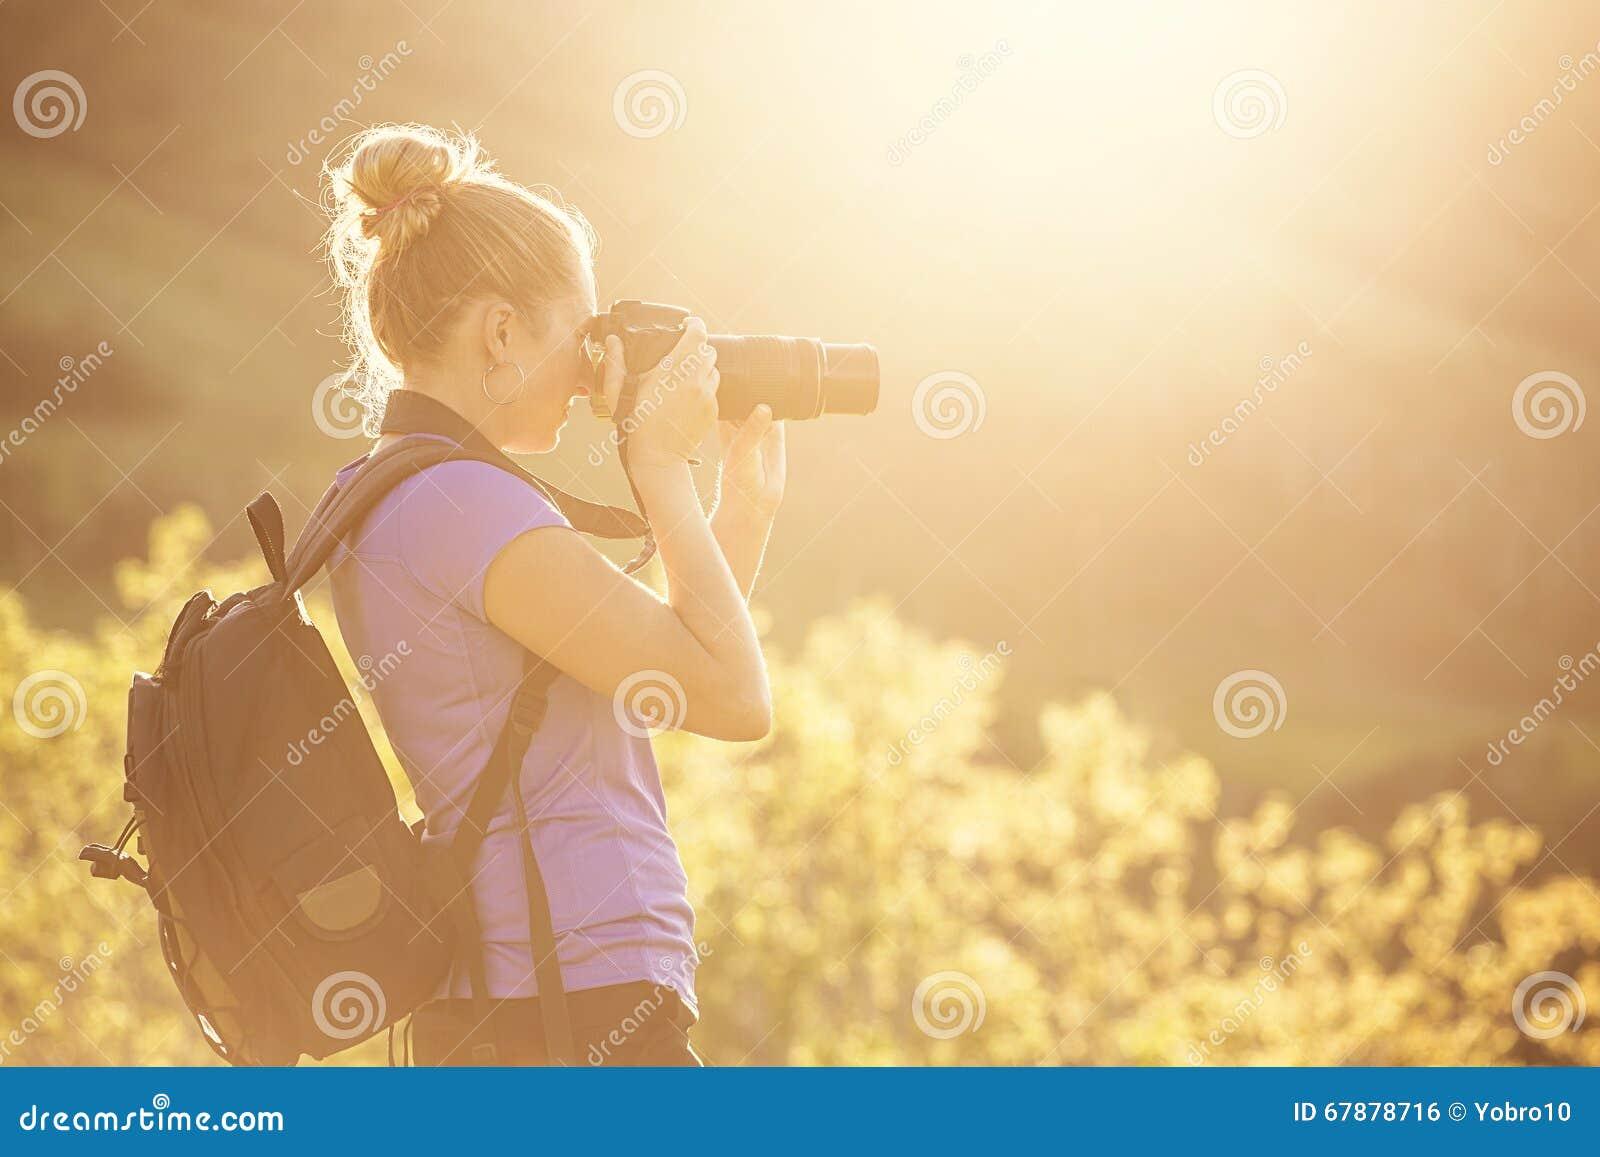 拍照片的妇女户外在一个晴朗的晚上